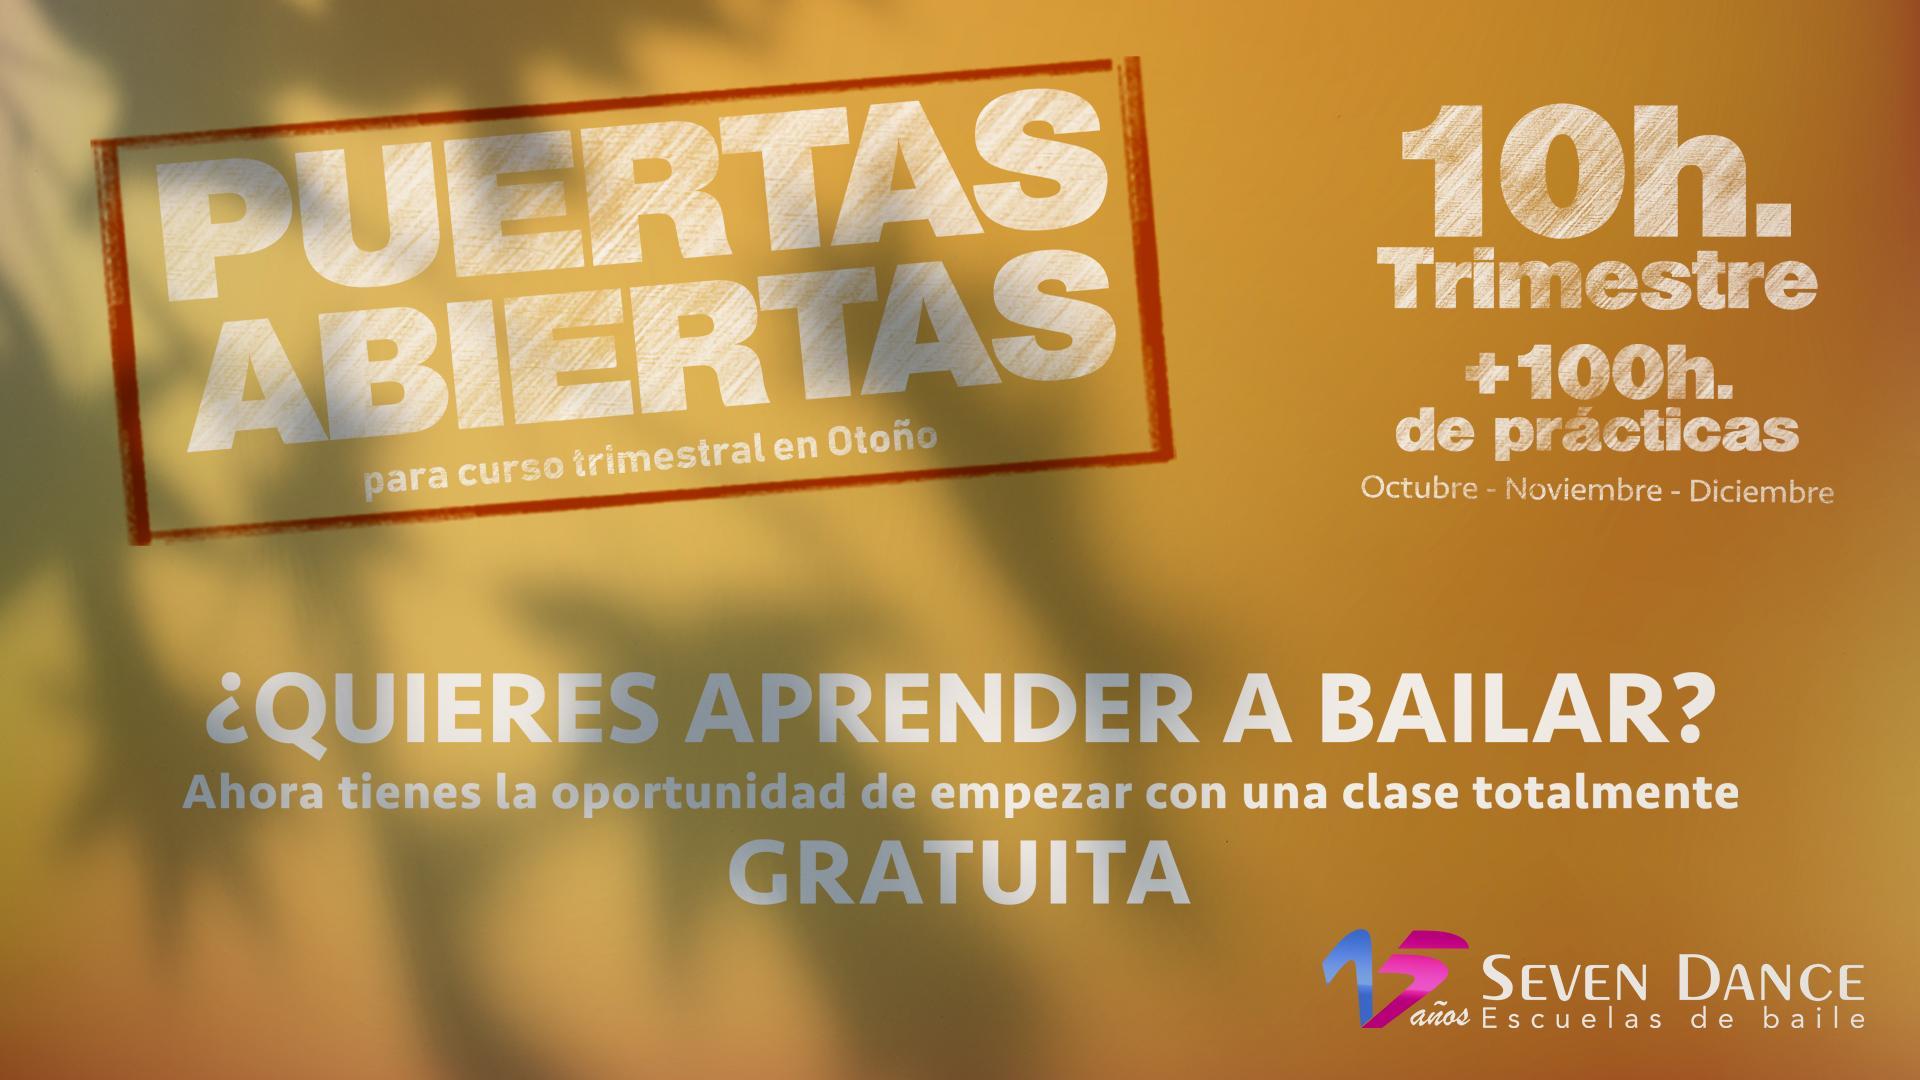 Clases gratuitas de iniciación a la  Salsa, Bachata y Bailes de salón